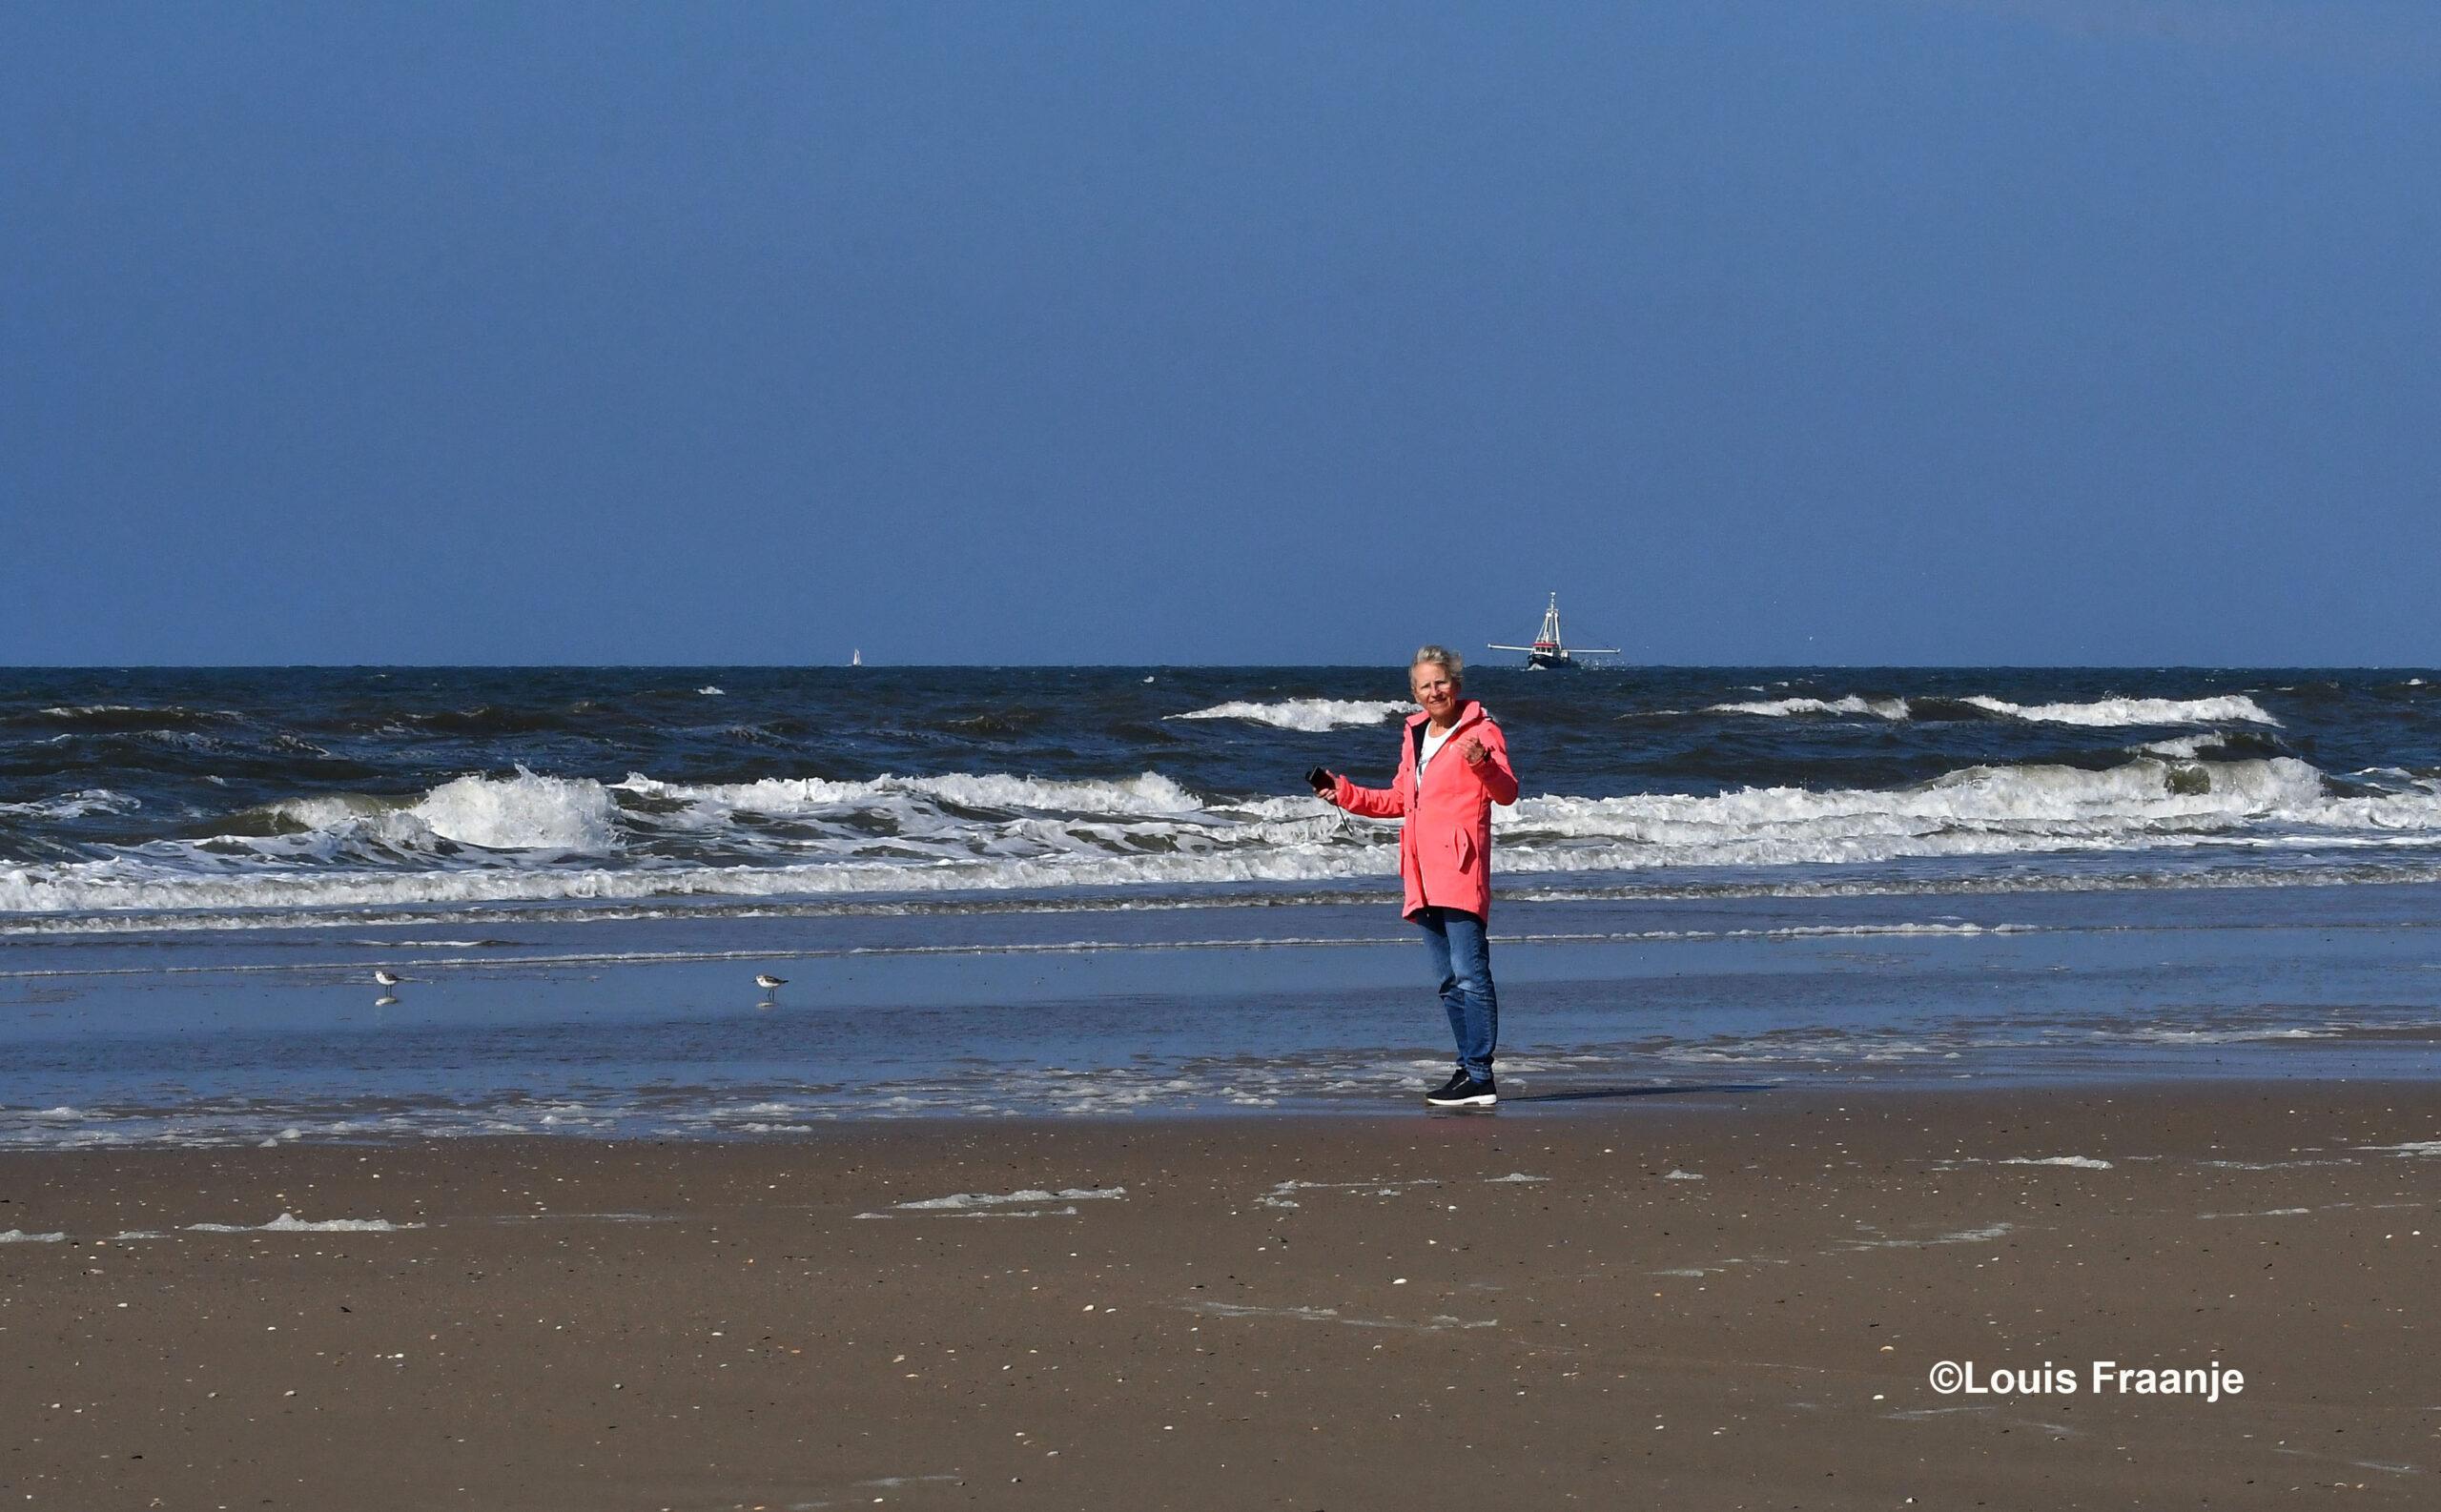 Fransien staat bij de vloedlijn kleine Drieteen strandlopertjes te fotograferen, met op de achtergrond een vissersboot - Foto: ©Louis Fraanje